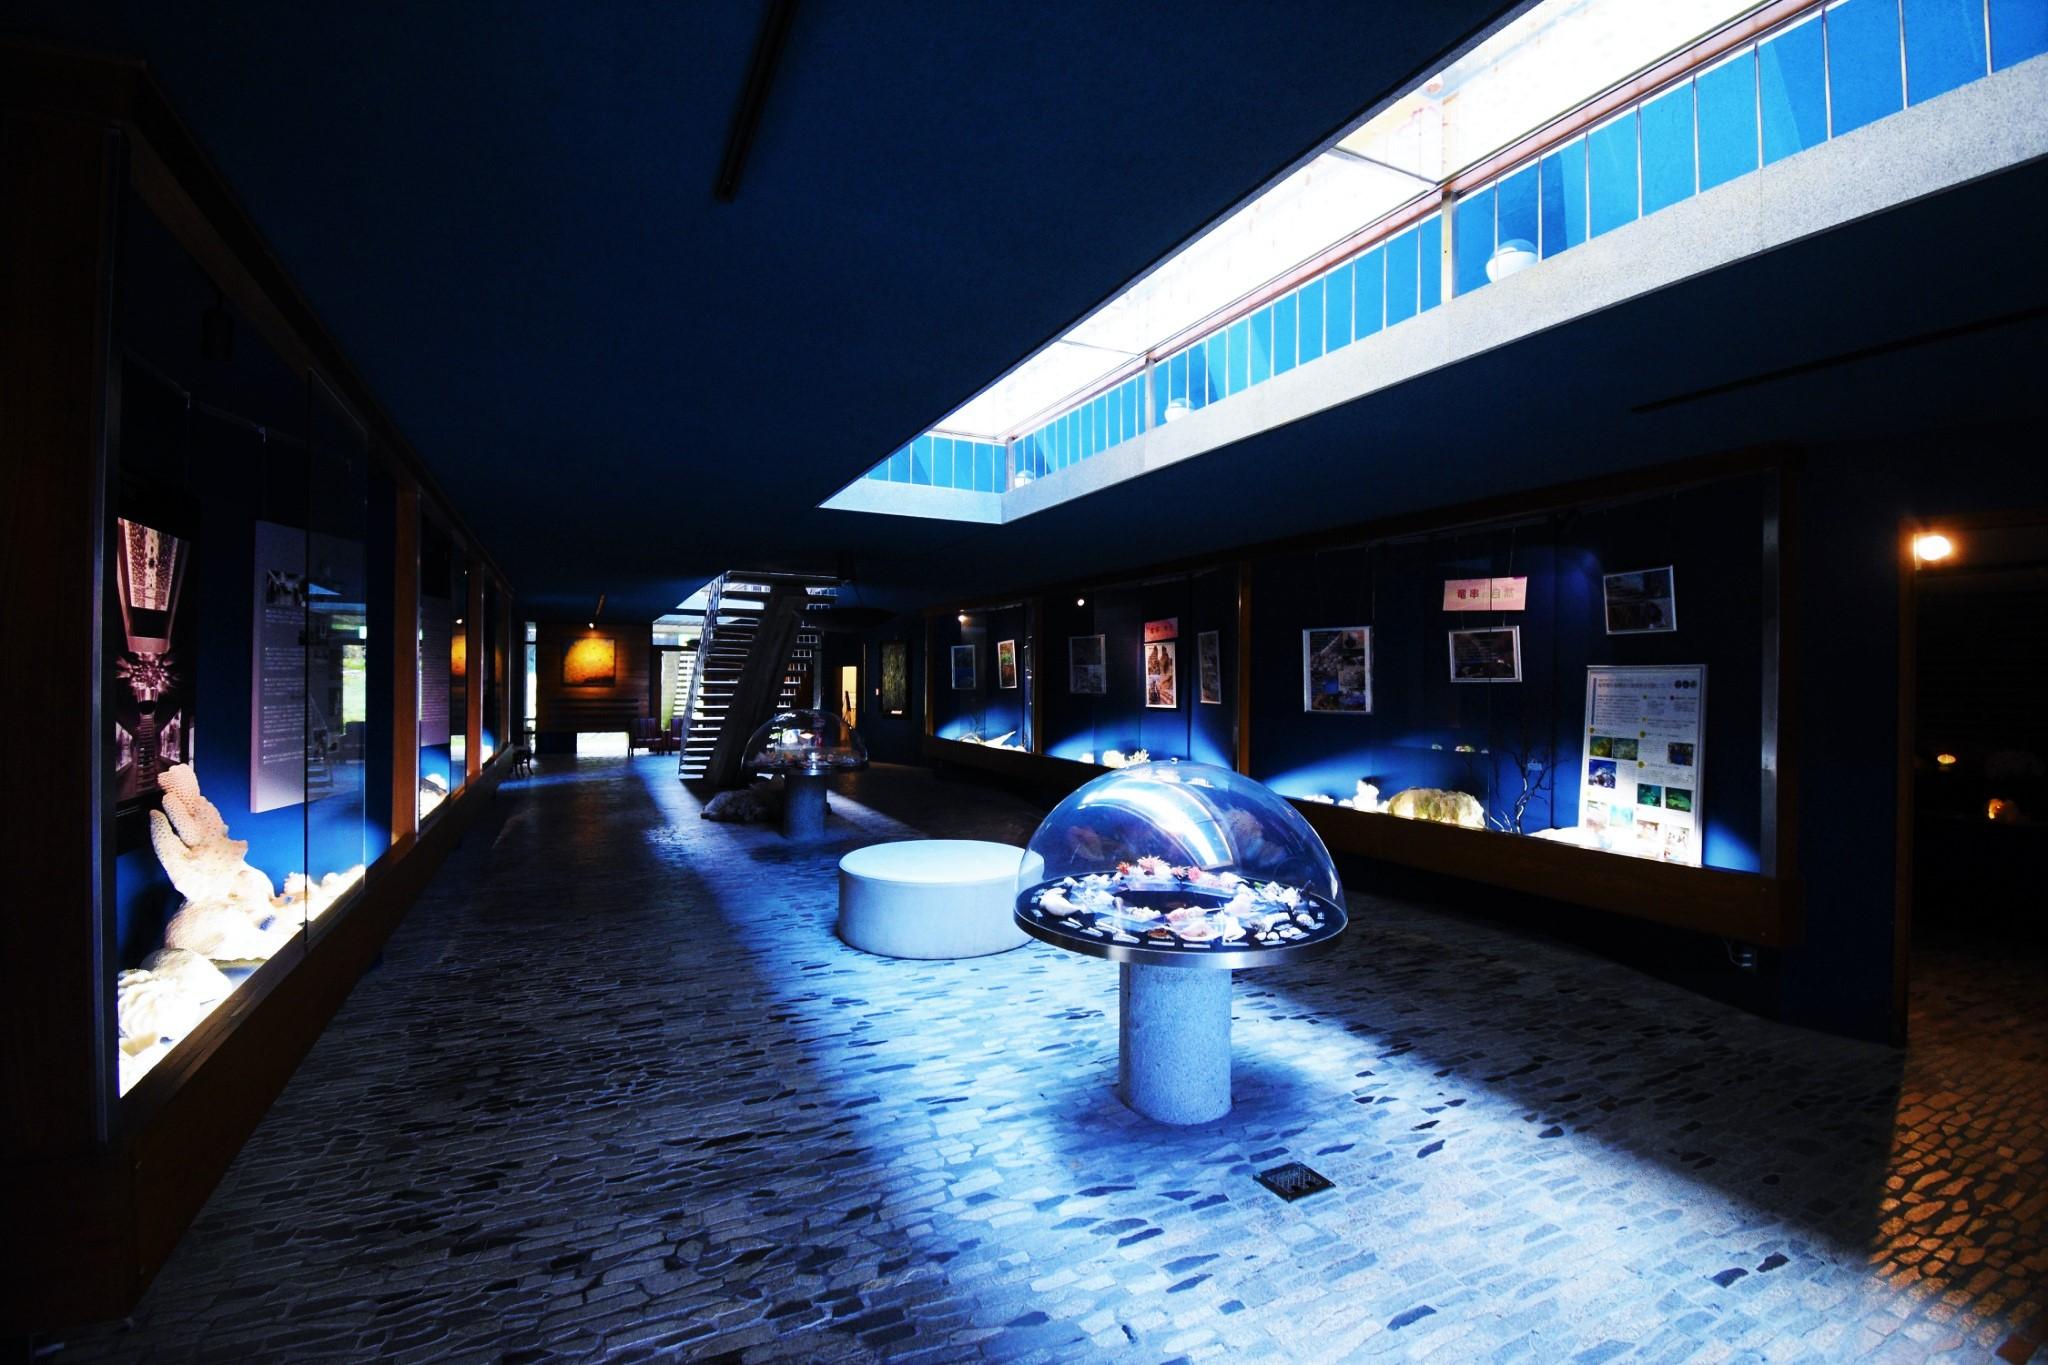 まさに海の博物館!深海の披露宴を心行くまで。「海のギャラリー」